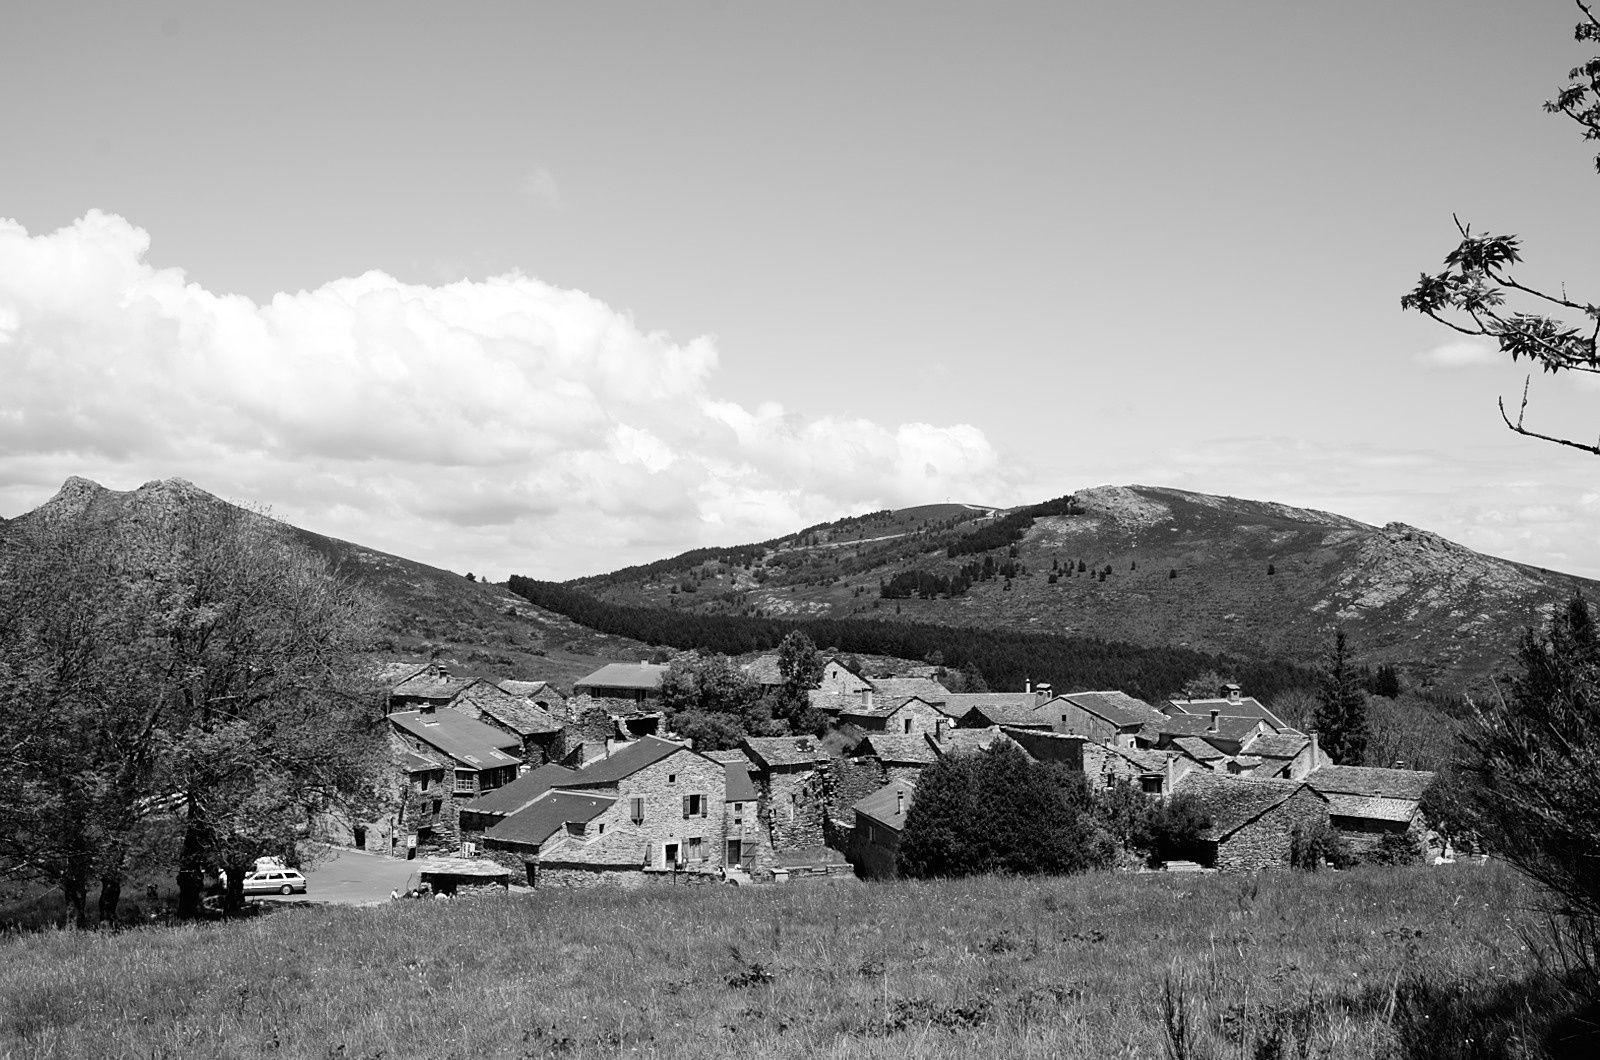 Le village de Douch, lieu de départ de la randonnée